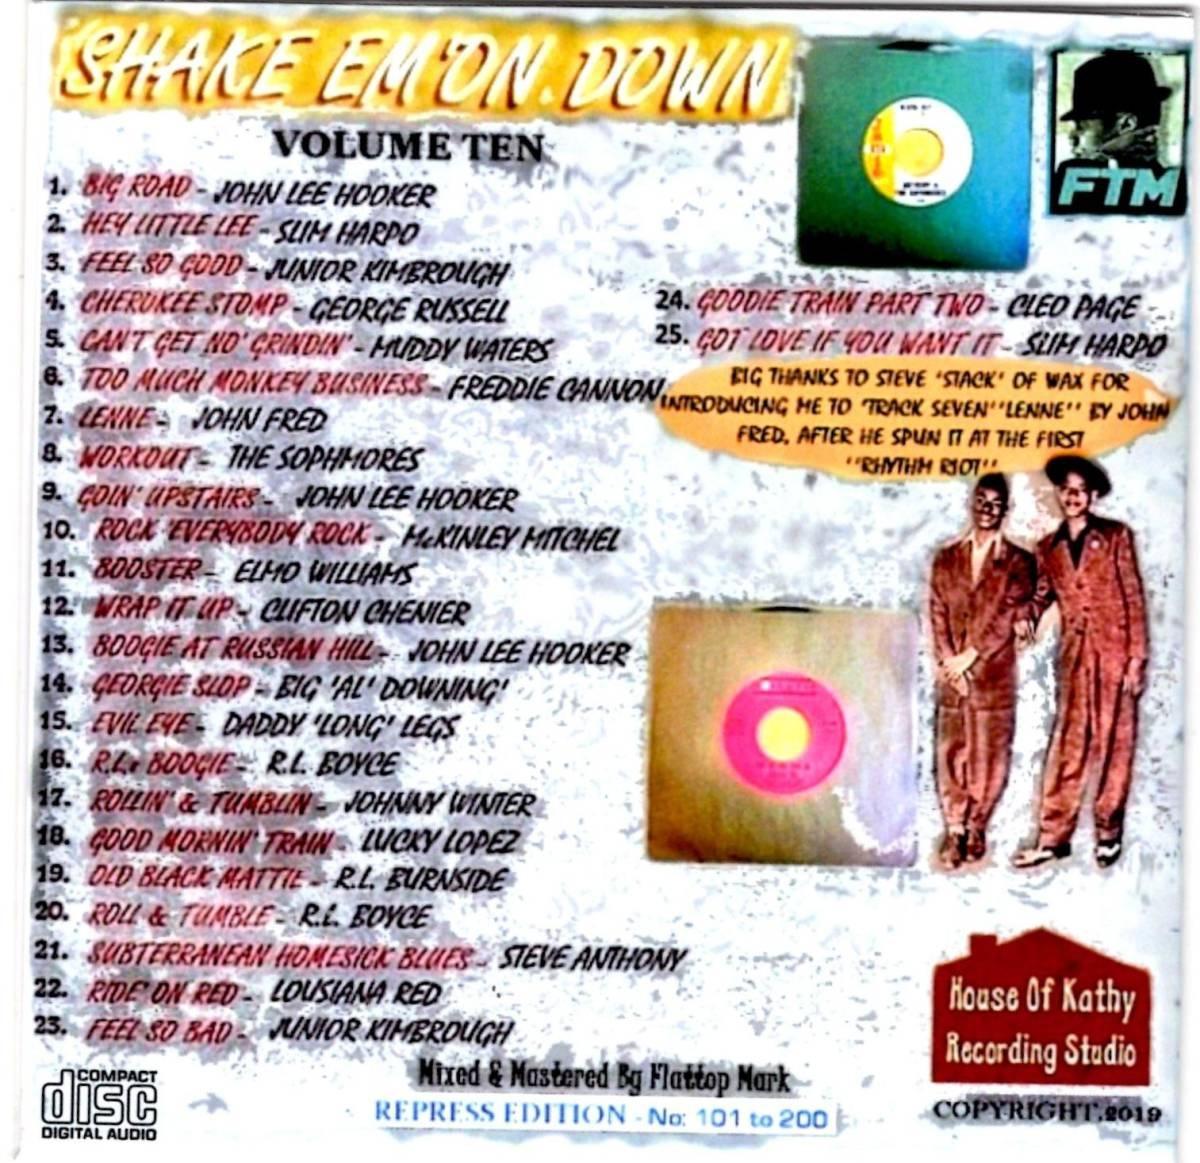 貴重・限定200枚 / SHAKE EM ON DOWN VOL 10 - ROCKIN' BLUES BOPPERS CDR / 25 x Dance Floor Killers / ロカビリー レコードホップ_画像2